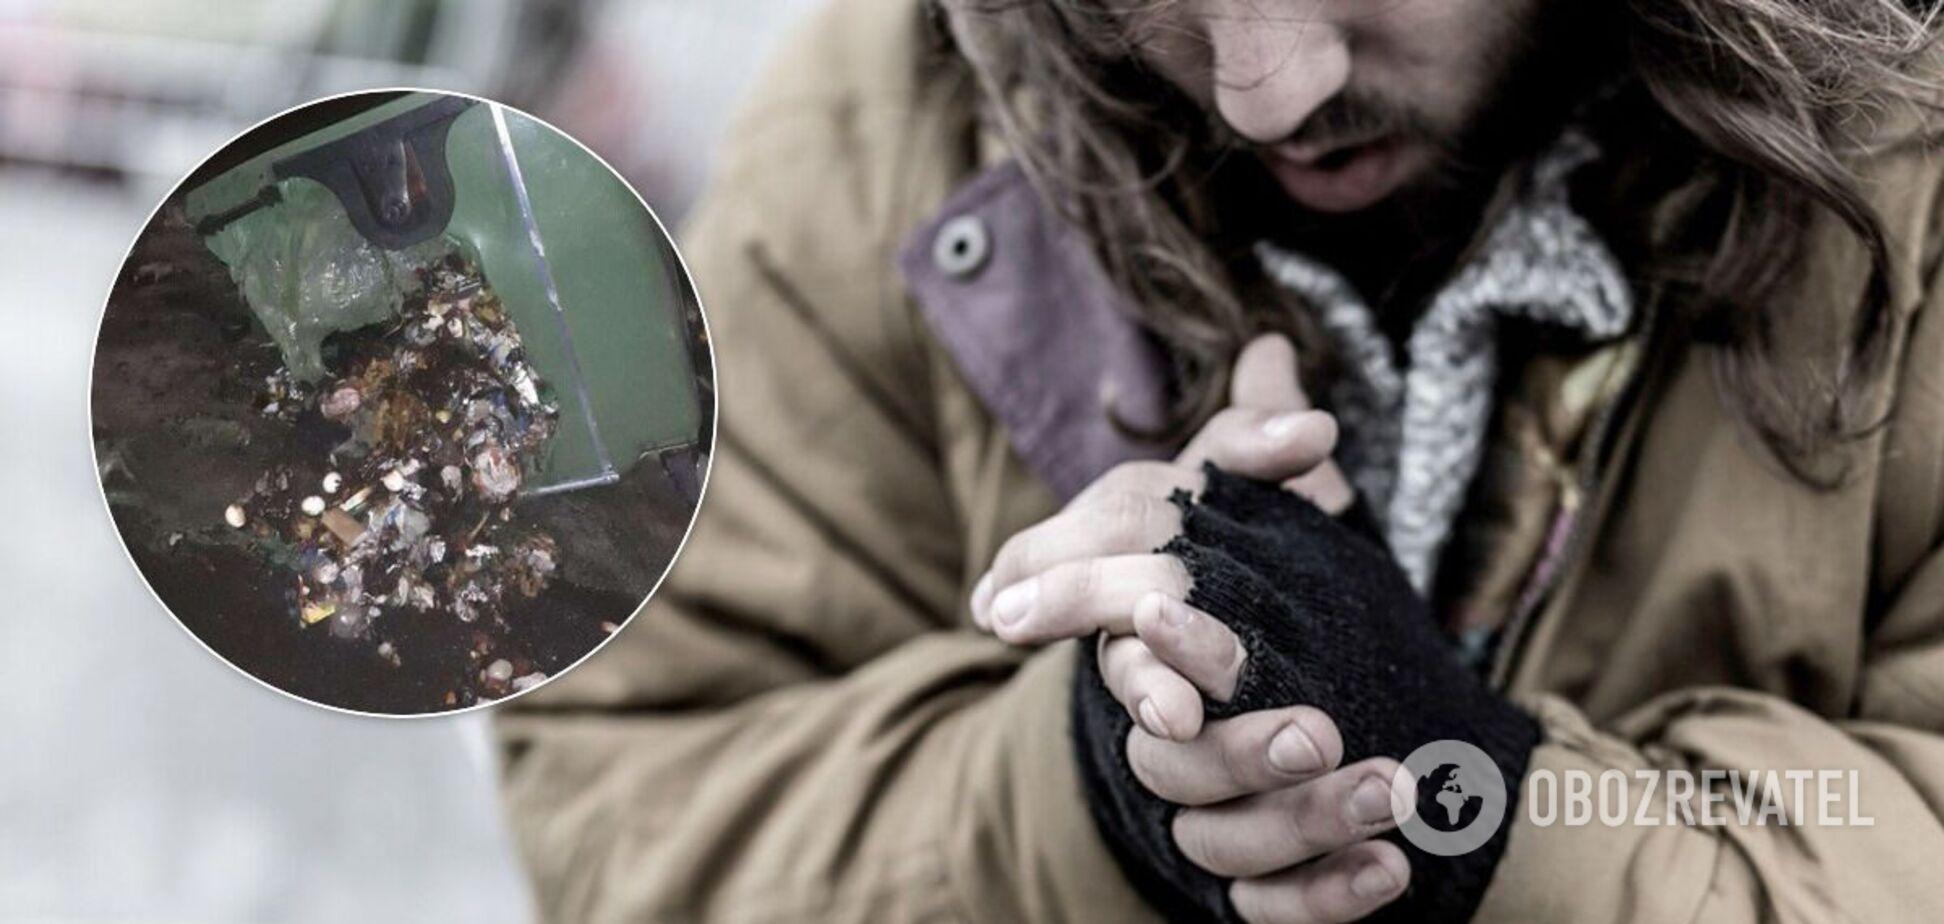 У Дніпрі бездомний підпалював сміття в баках, щоб підігріти їжу